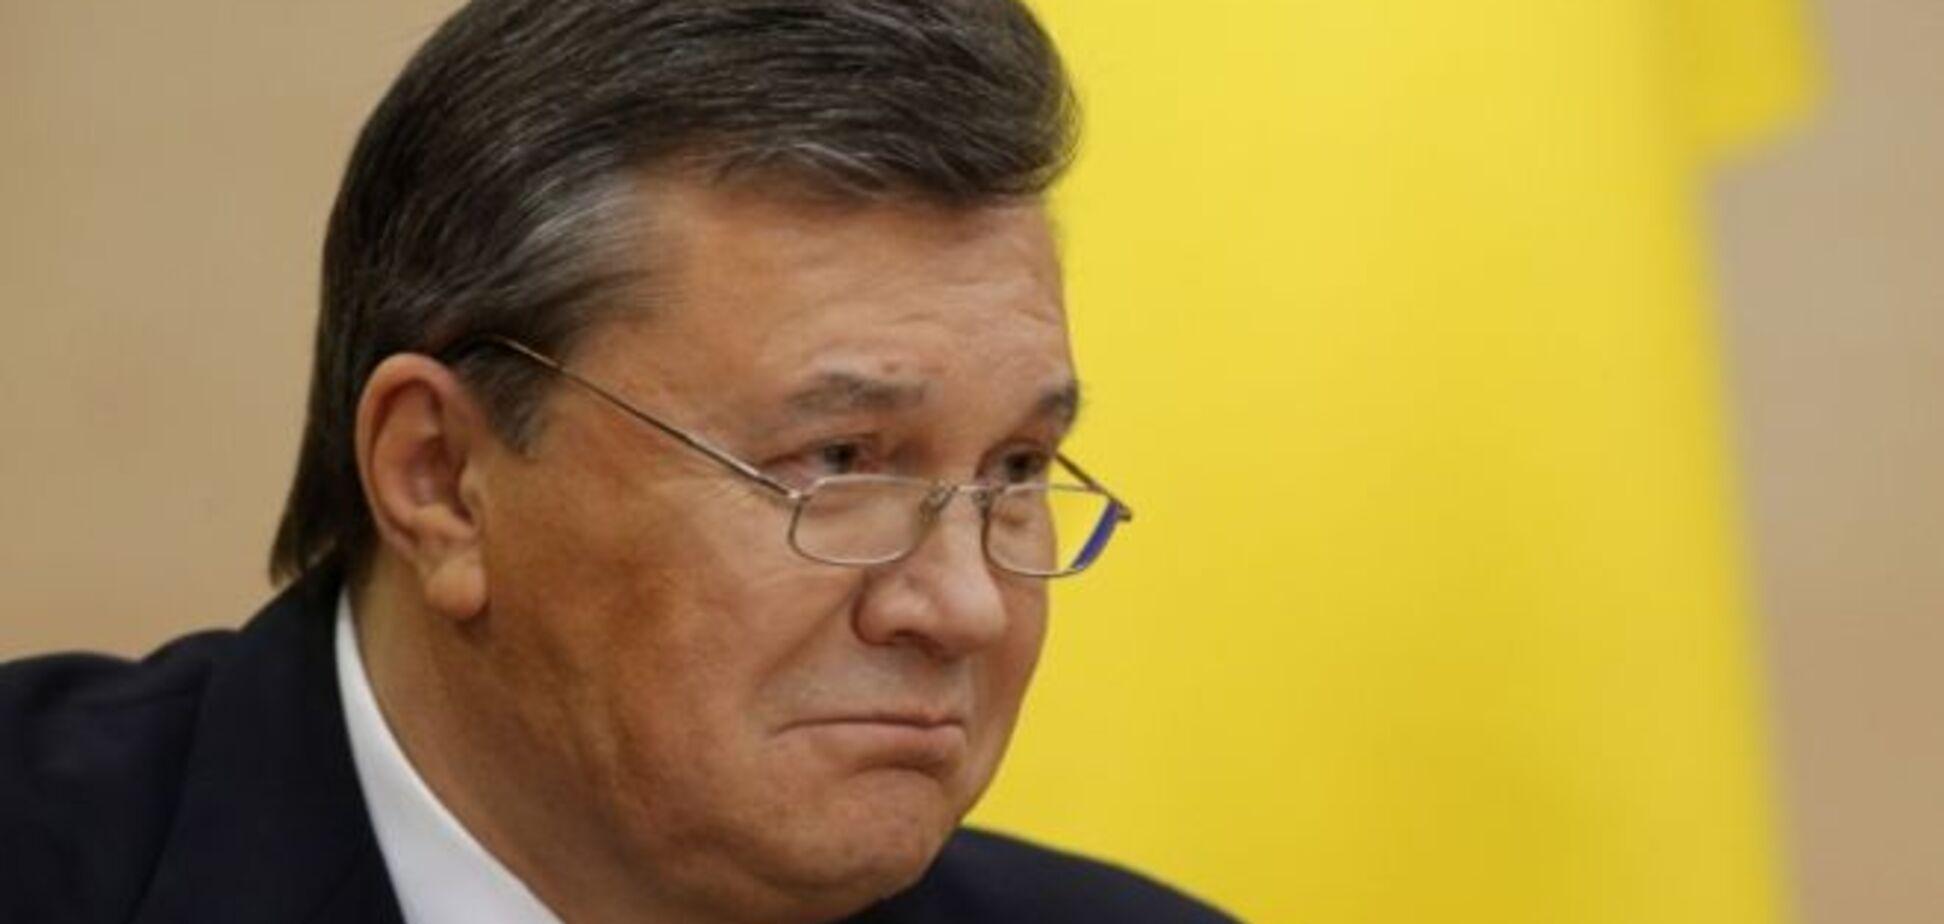 У Швейцарії назвали умови повернення Україні грошей 'сім'ї' Януковича